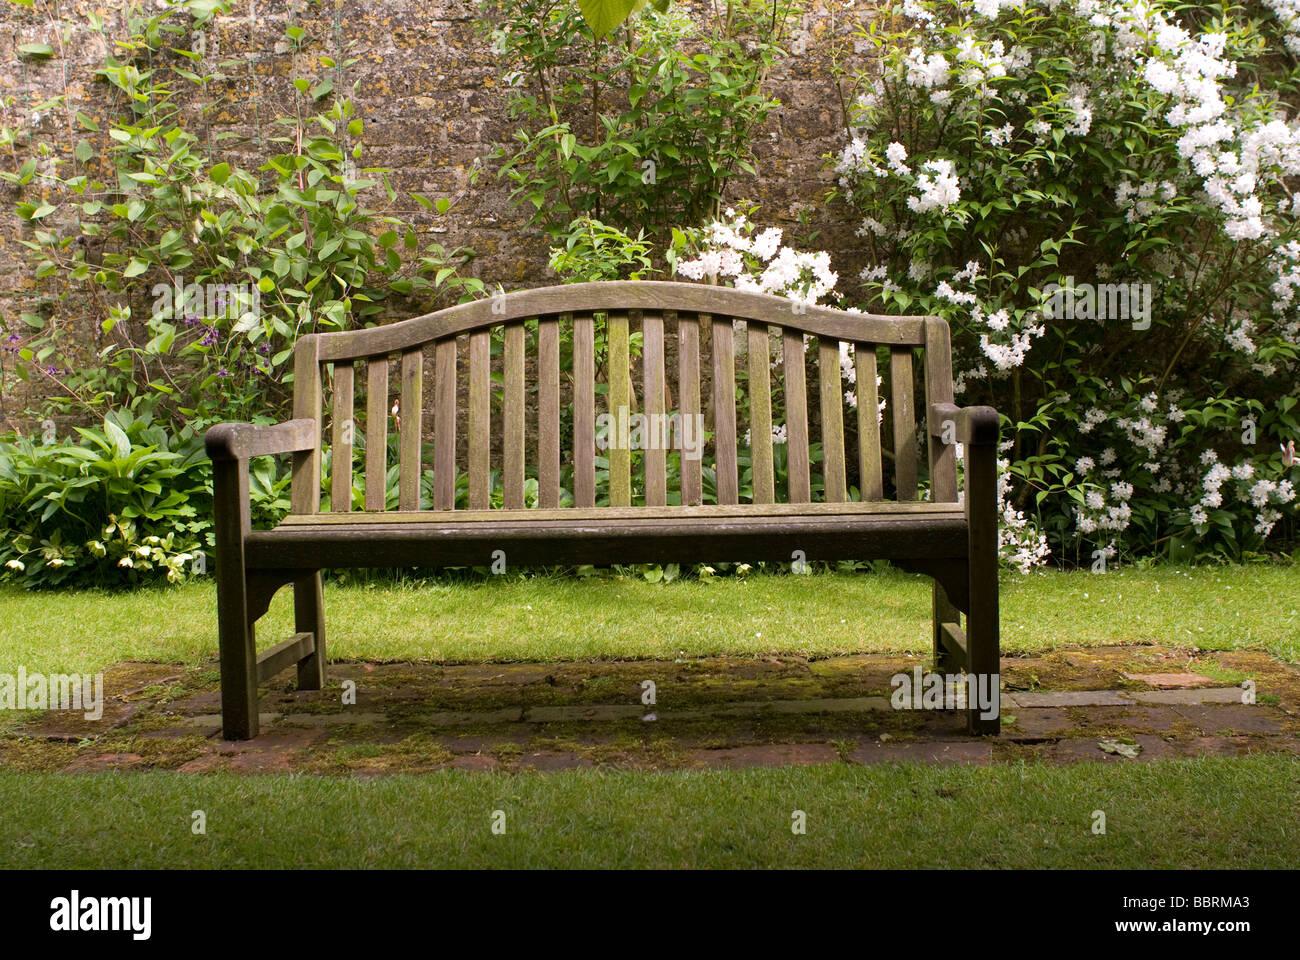 Garden Bench Stock Photos & Garden Bench Stock Images - Alamy